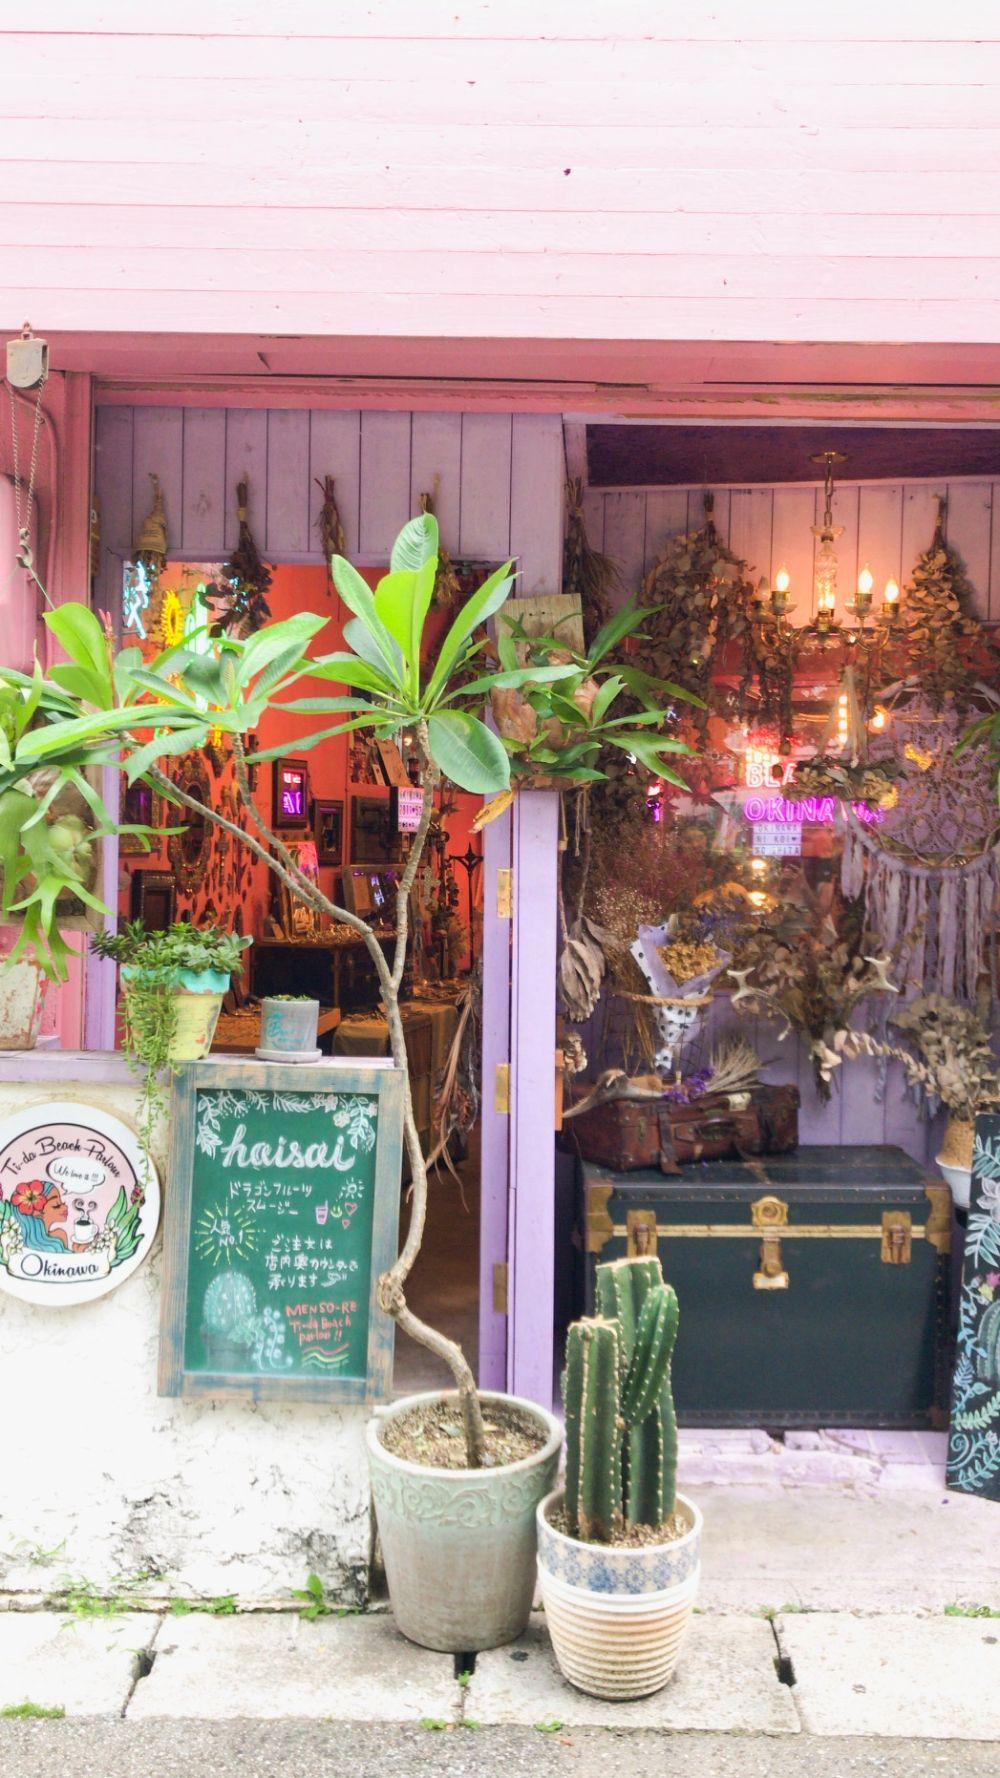 沖縄女子旅特集 - 夏休みにおすすめ! おしゃれなインスタ映えカフェ、観光スポットまとめ_2